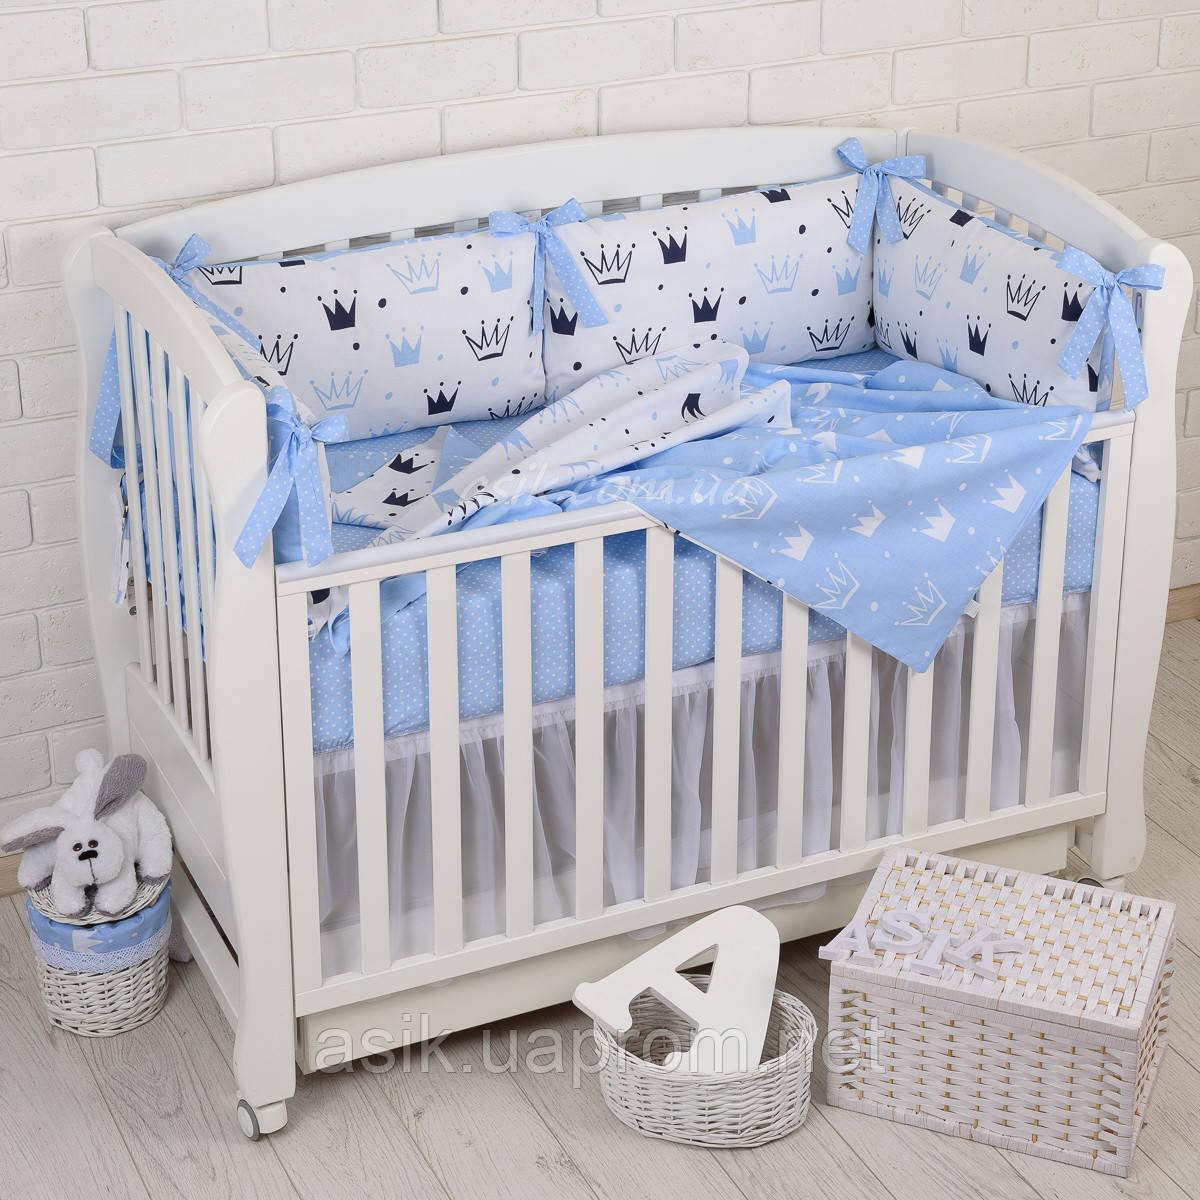 """Детская постель с 6 бортиками-подушками 33*60 см, сменной постелькой, одеялом и подушкой """"Голубые короны"""""""